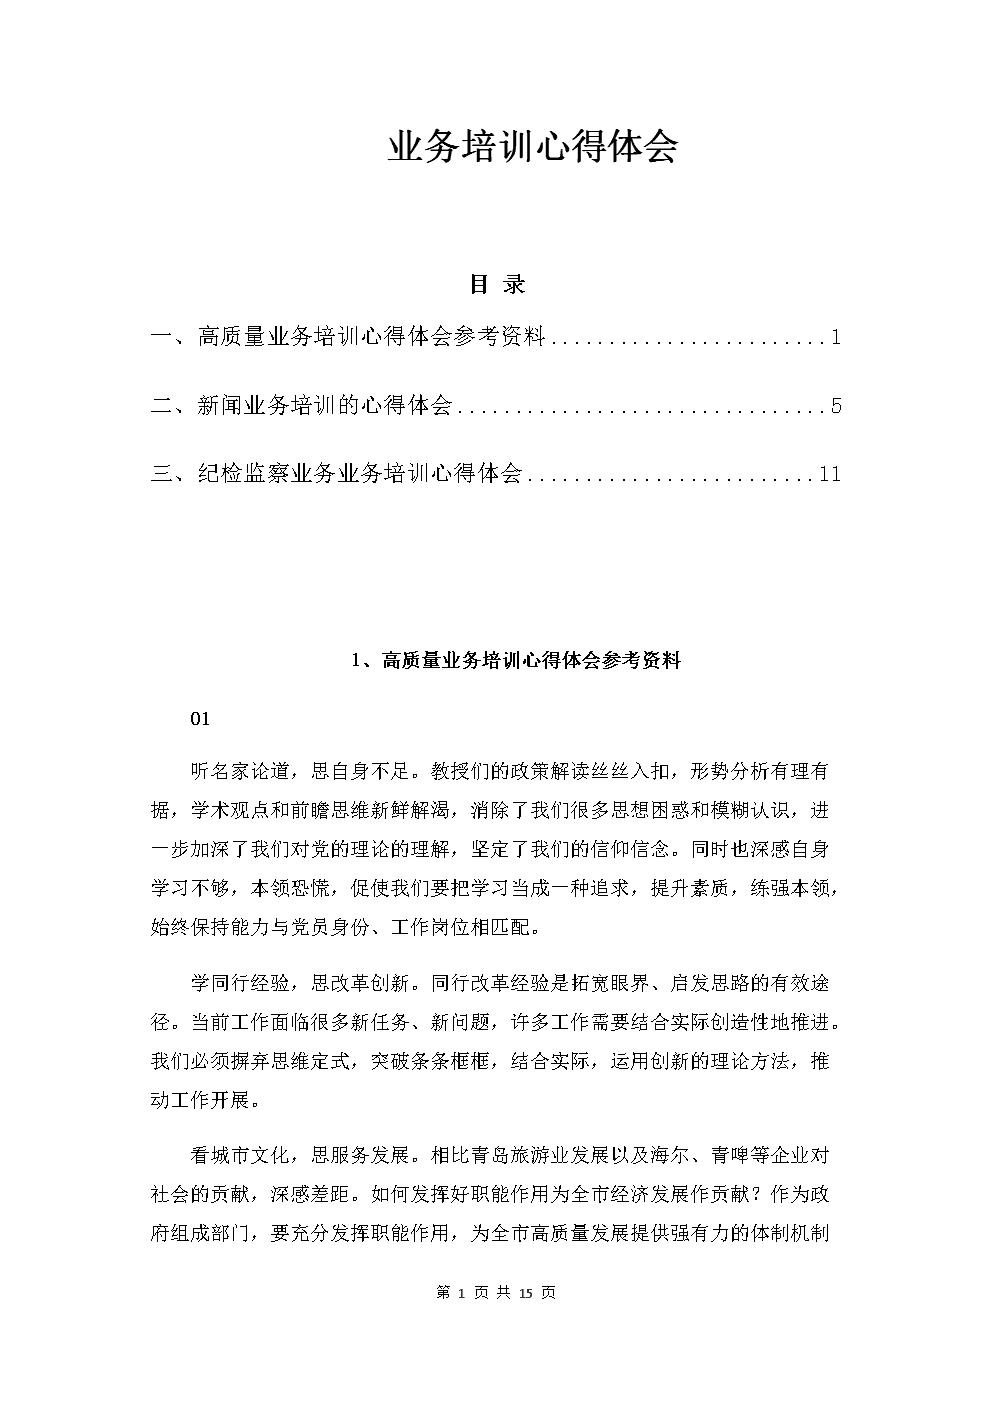 业务培训心得体会.docx